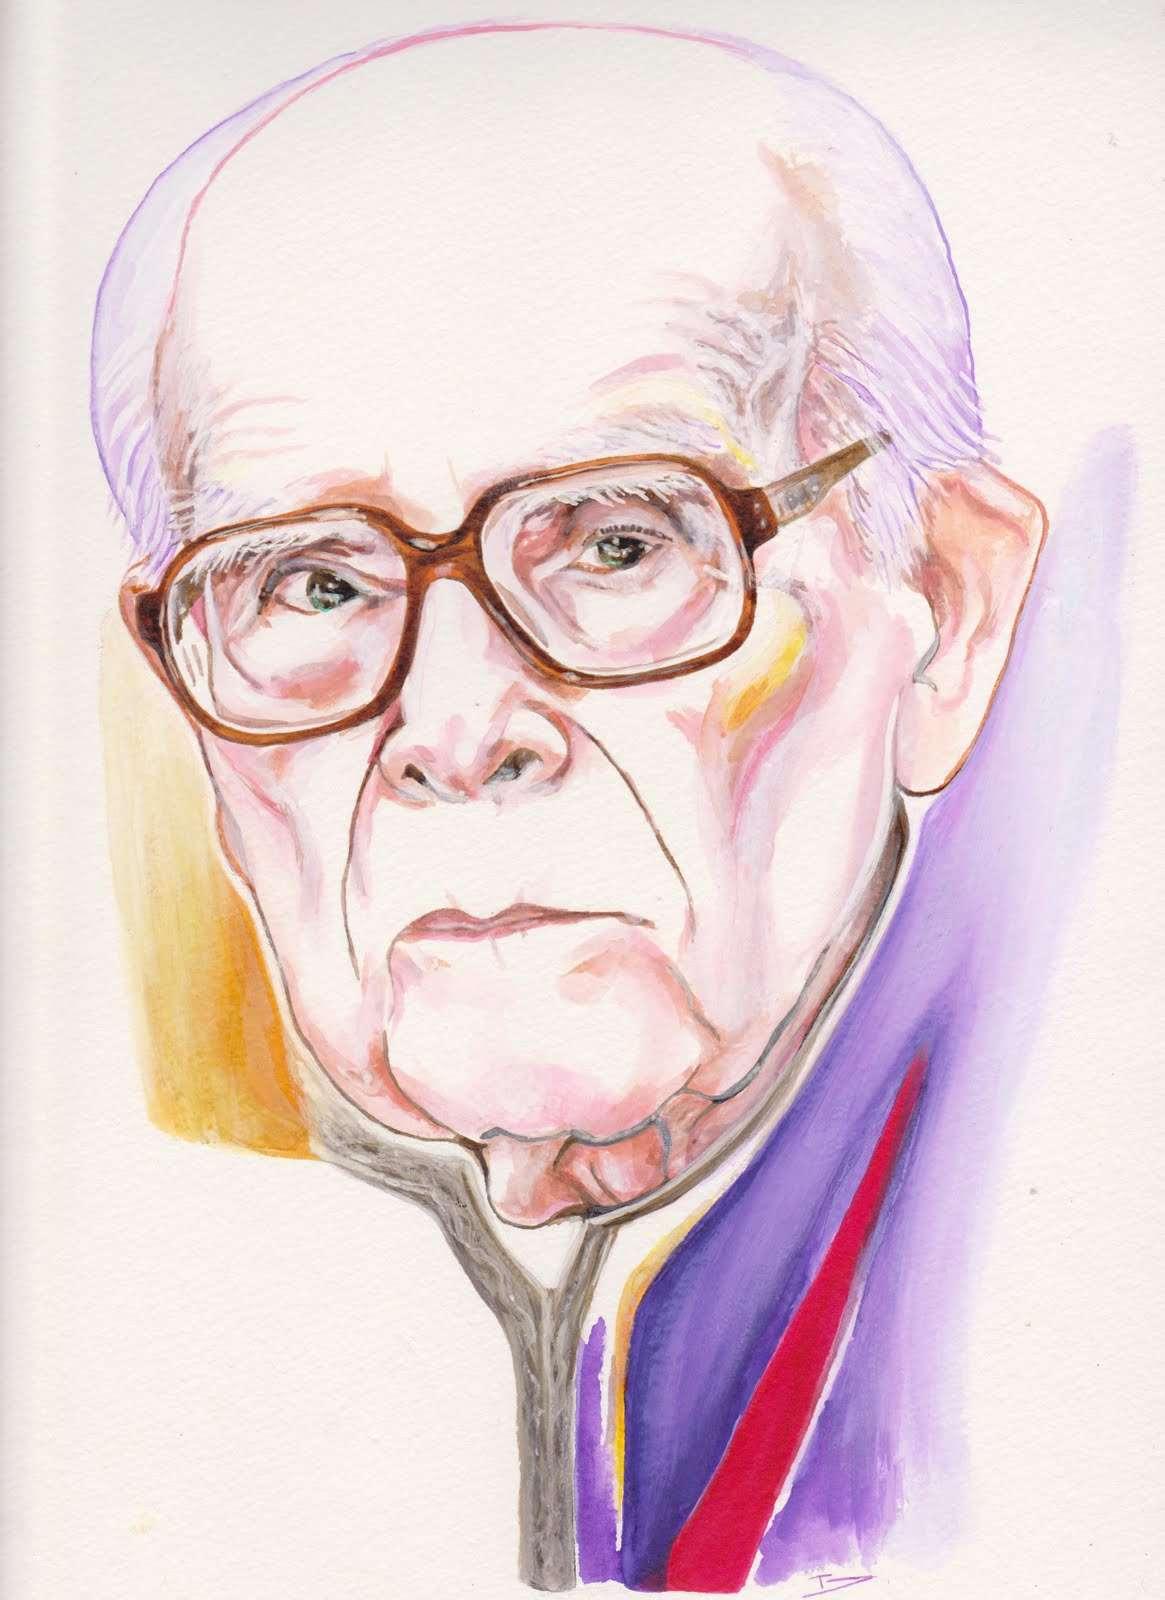 Ο Εμμανουήλ Κριαράς (Πειραιάς, 28 Νοεμβρίου 1906 – Θεσσαλονίκη, 22 Αυγούστου 2014) ήταν Έλληνας φιλόλογος, καθηγητής και αργότερα ομότιμος καθηγητής της Φιλοσοφικής Σχολής του Αριστοτέλειου Πανεπιστημίου Θεσσαλονίκης.